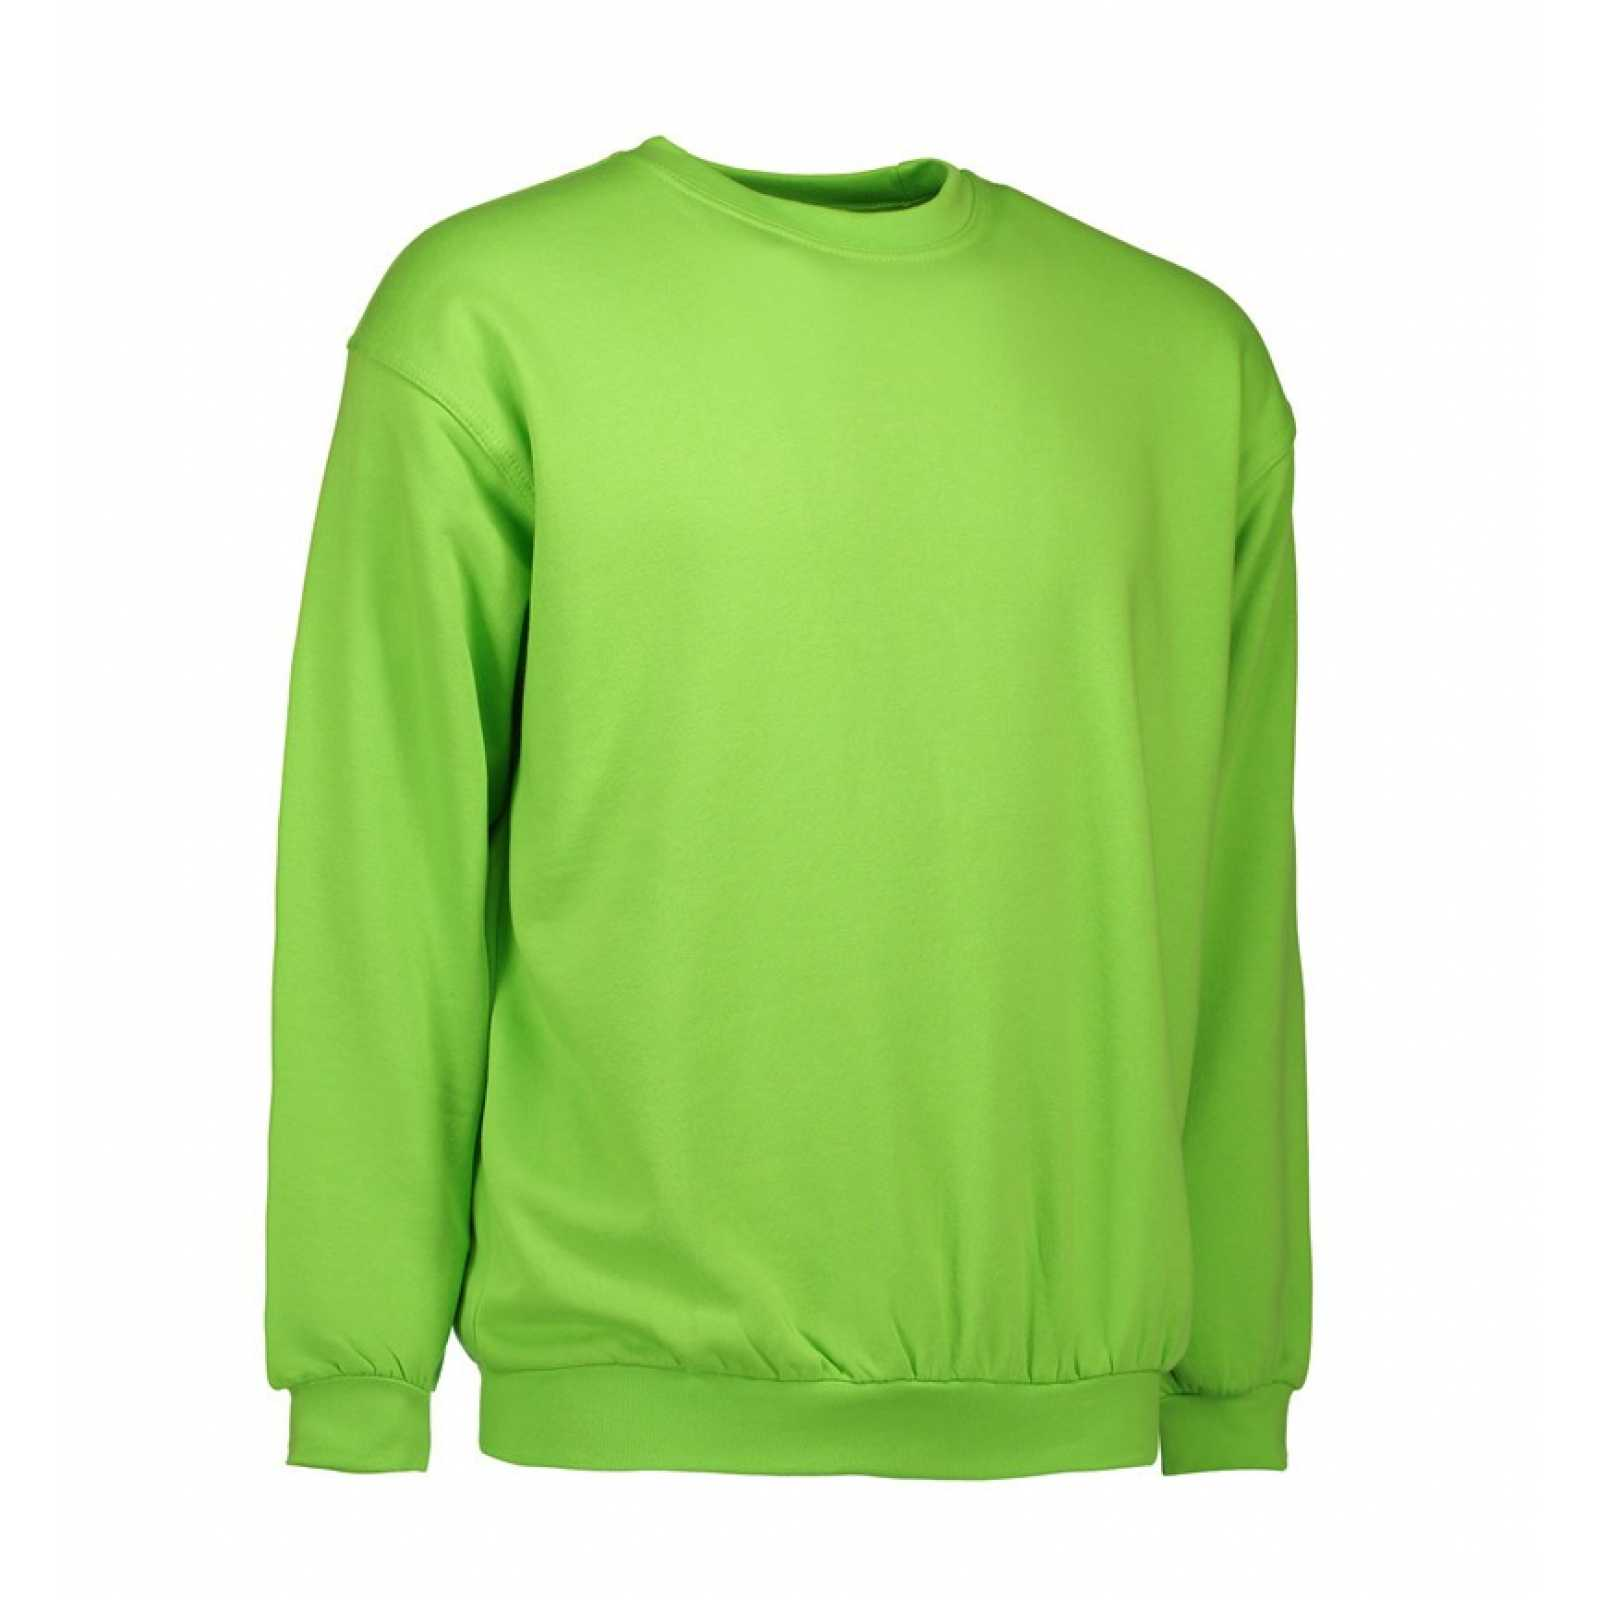 online retailer 42924 42799 Sweatshirt Game ID Identity günstig bedrucken mit Logo als ...